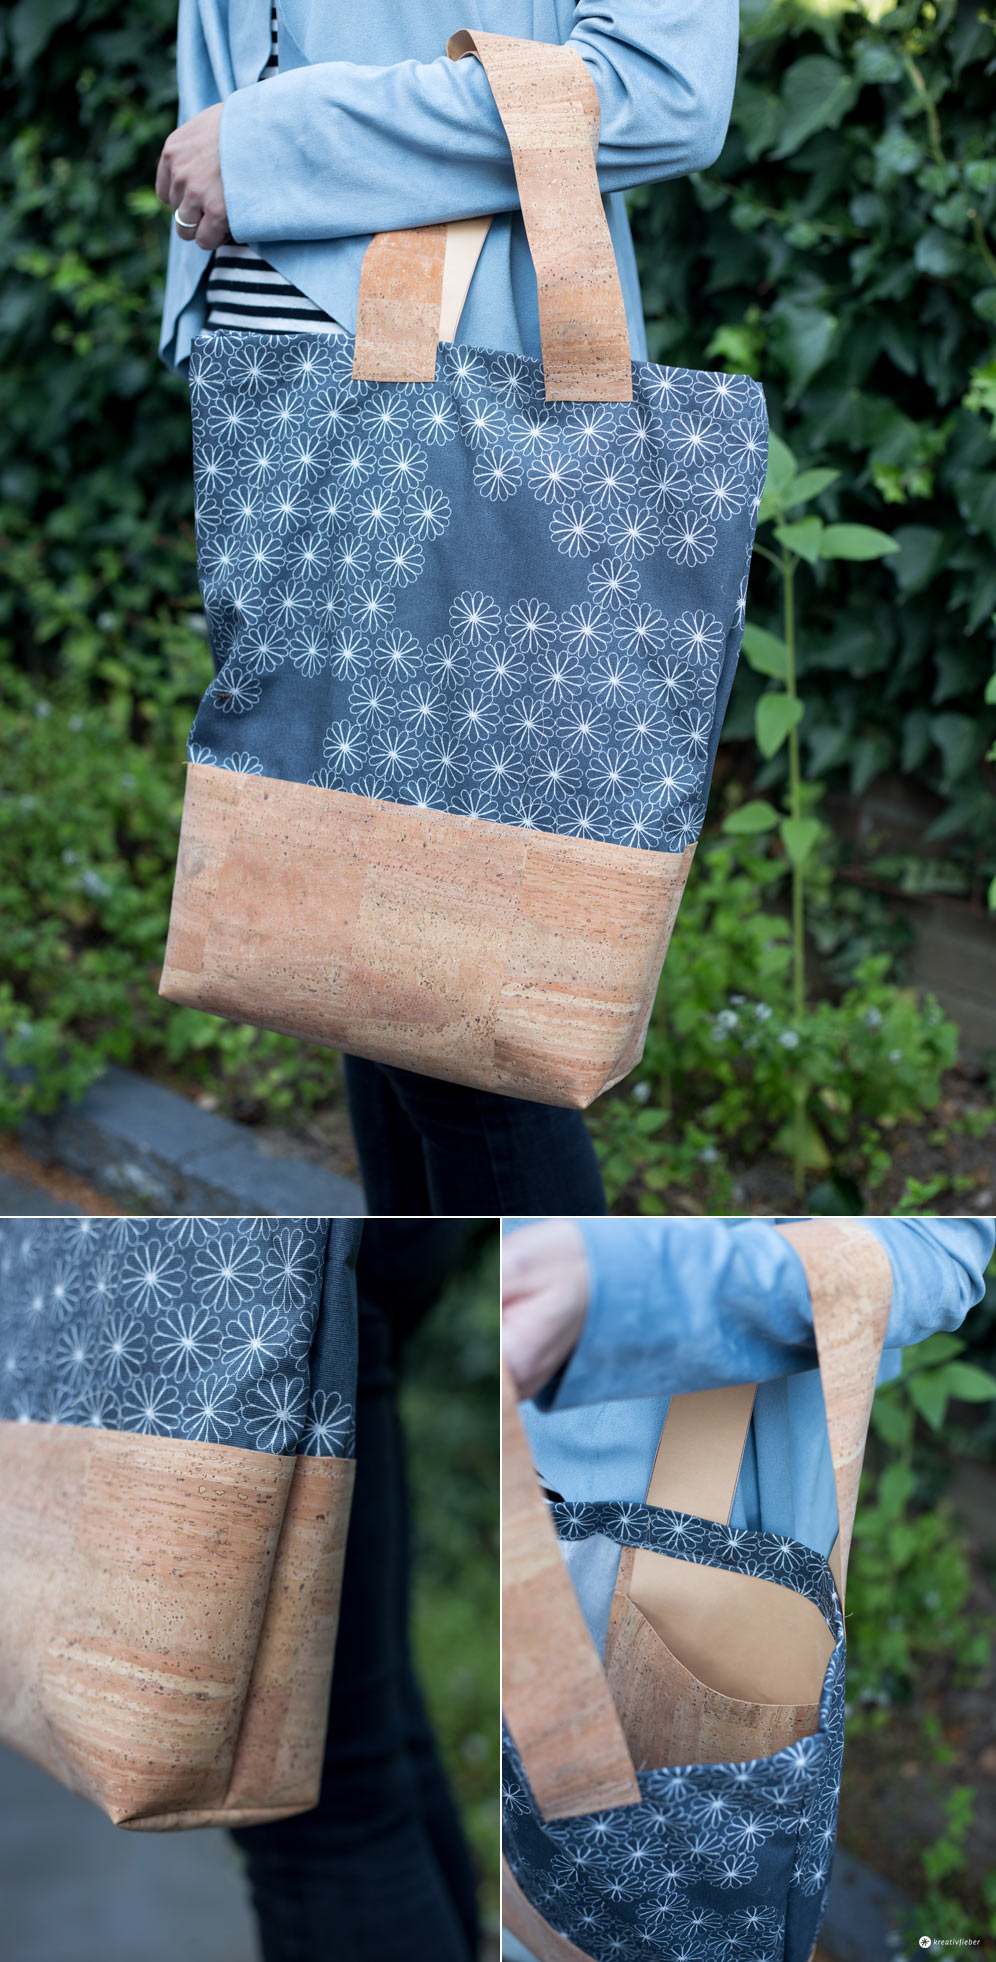 DIY Einkaufstasche mit Kork nähen - Nähen mit Korkstoff - einfache Anleitung für Taschen in beliebiger Größe